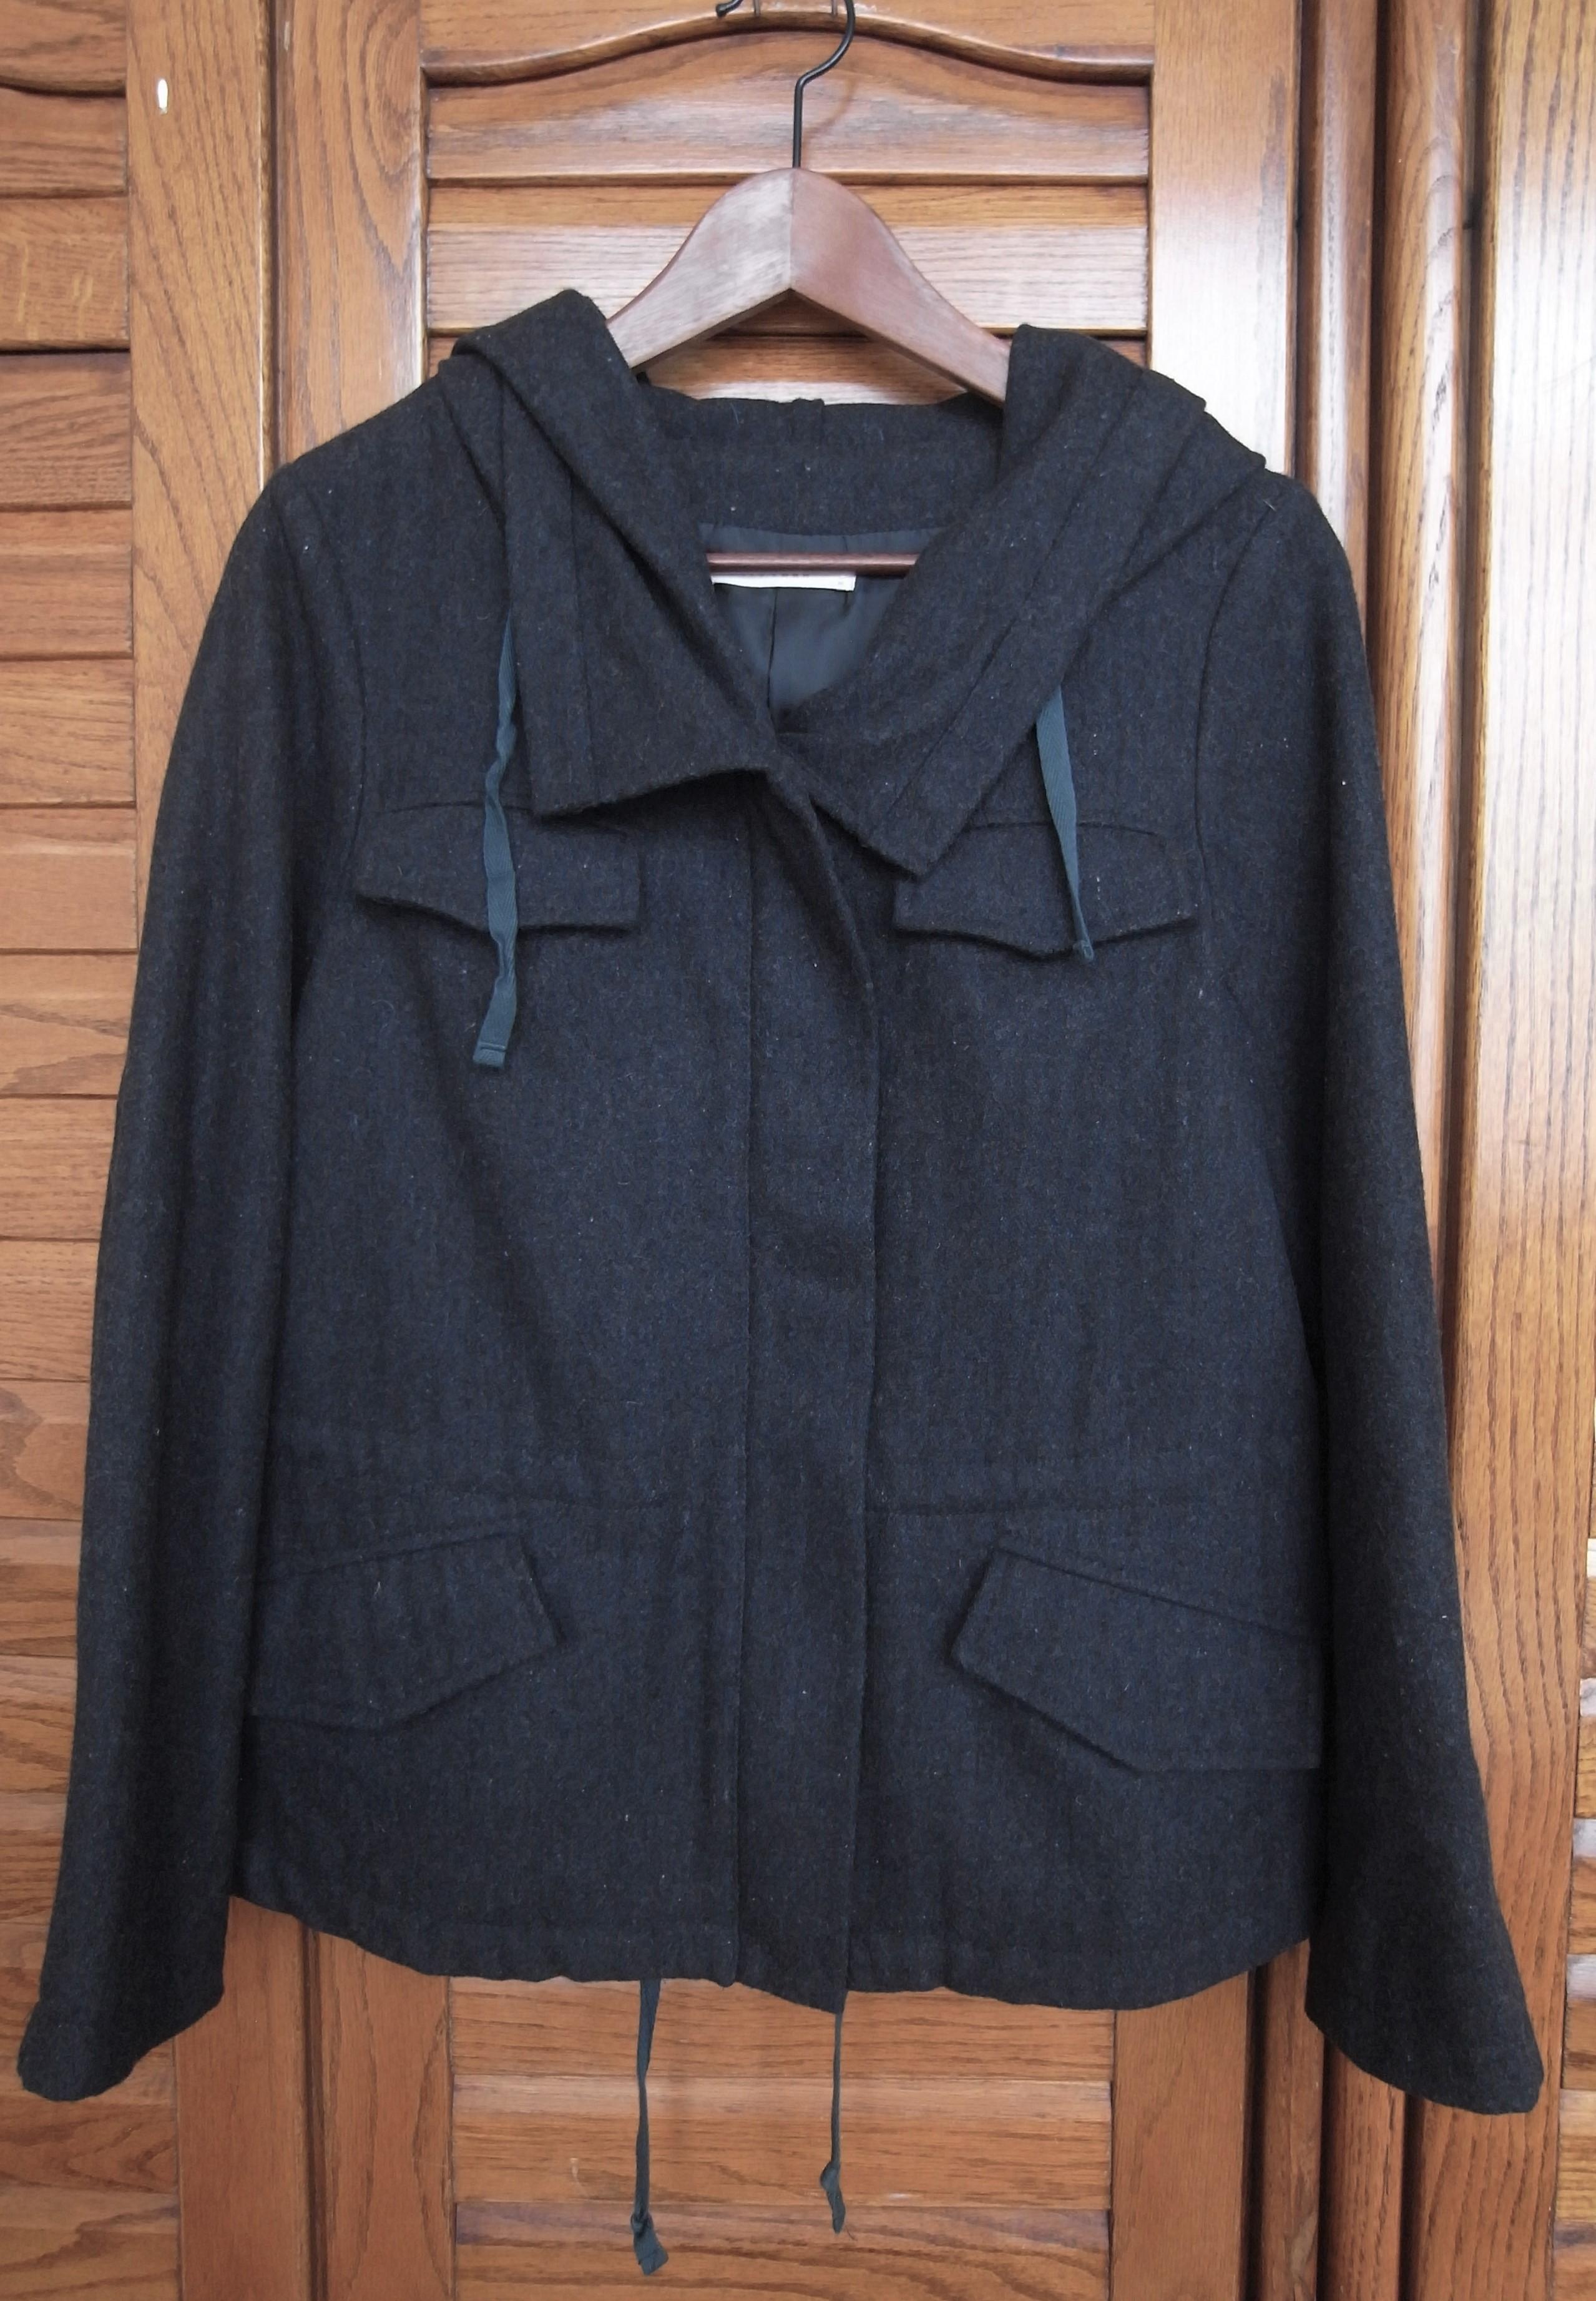 Lowrys farm 60% 羊毛 連帽 短大衣 外套 深灰色 M號